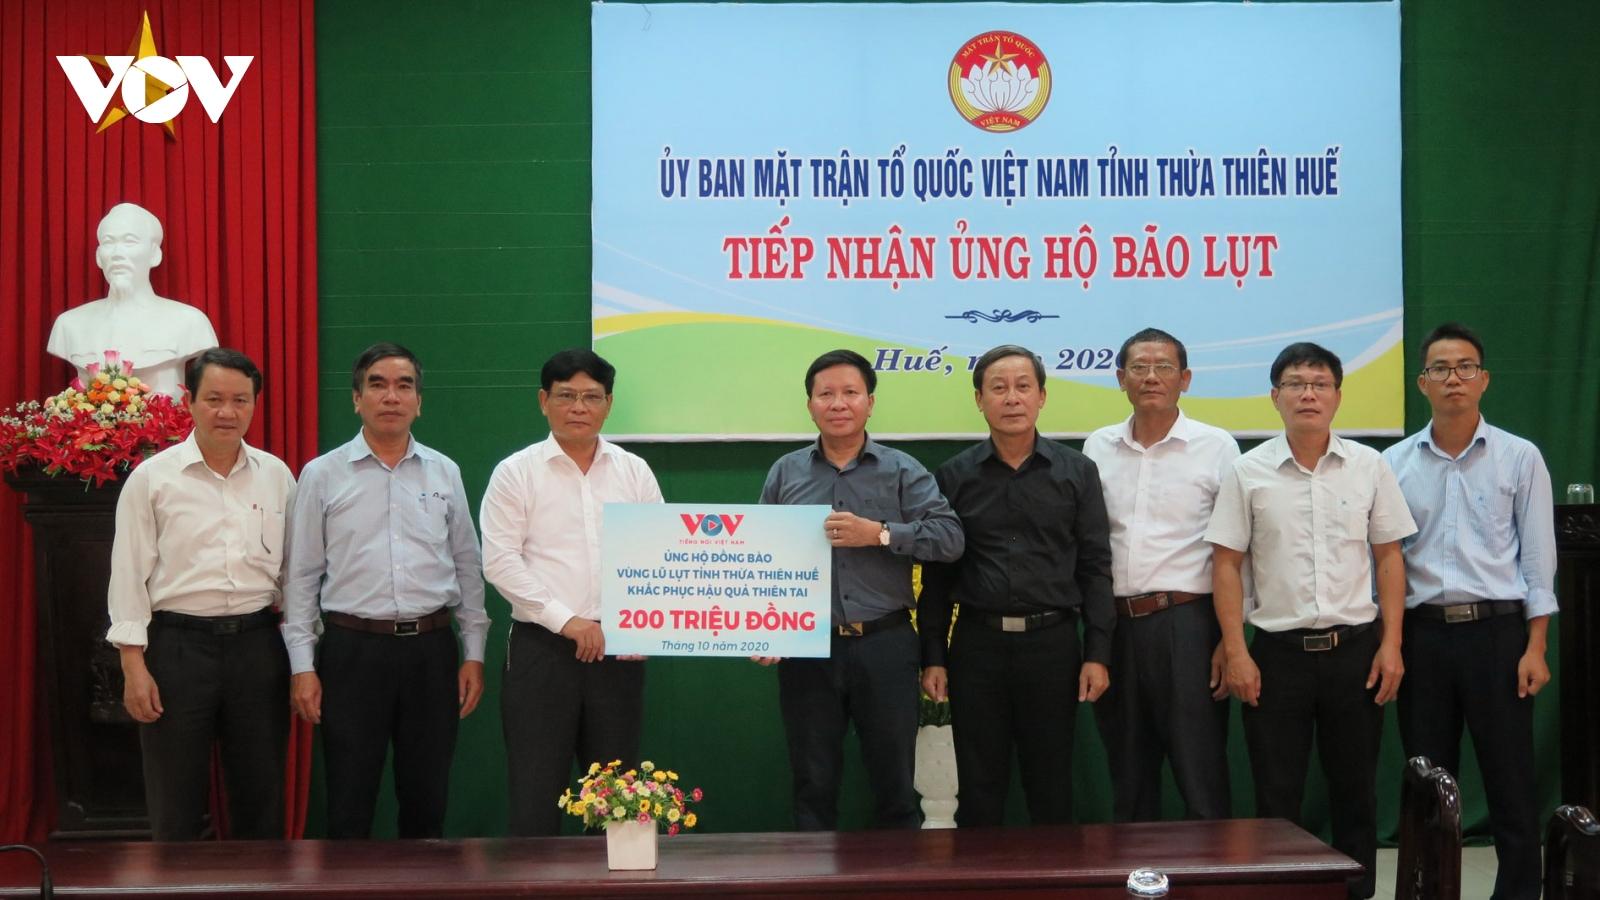 Đài TNVN trao 400 triệu đồng hỗ trợ 2 tỉnh Quảng Trị và Thừa Thiên Huế